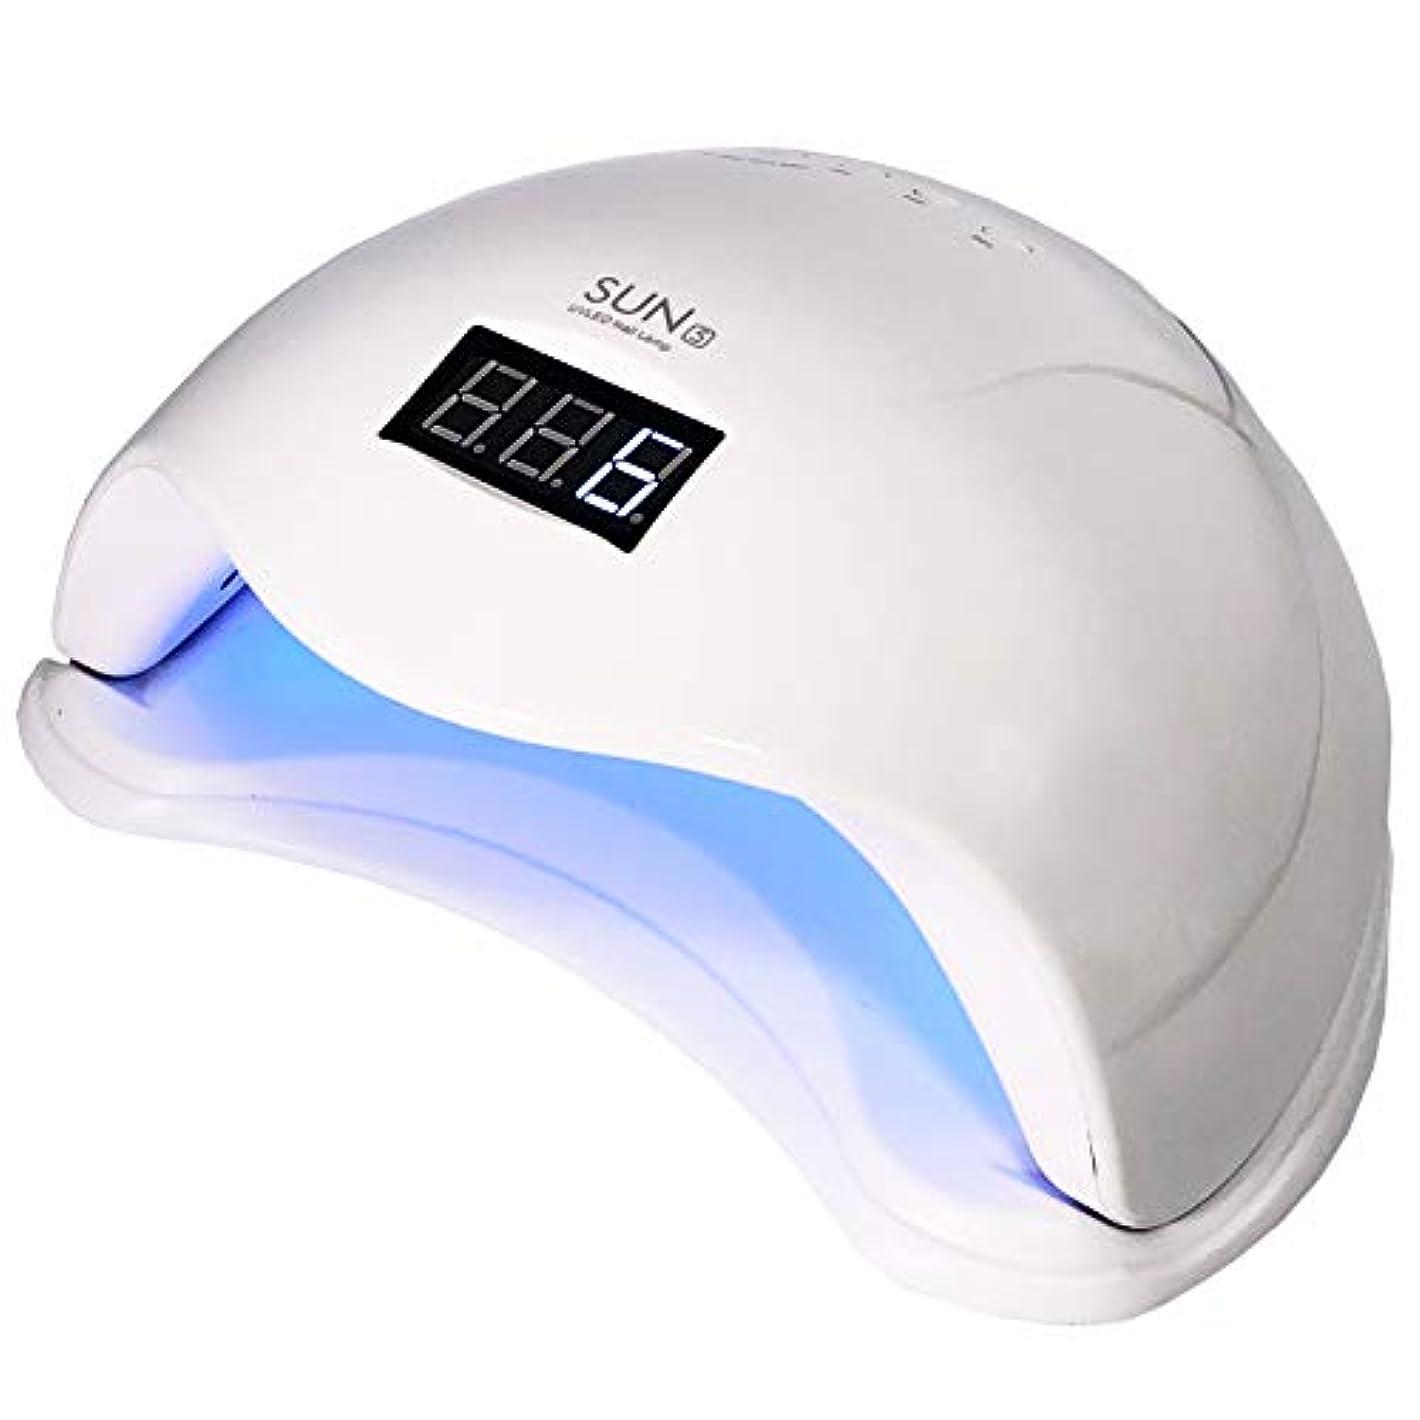 撤回する統治可能リテラシーUV LED ネイル ライト レジン 48W ジェルネイル ランプ ドーム型 高速硬化 人感センサー 赤外線 低ヒート NAIL